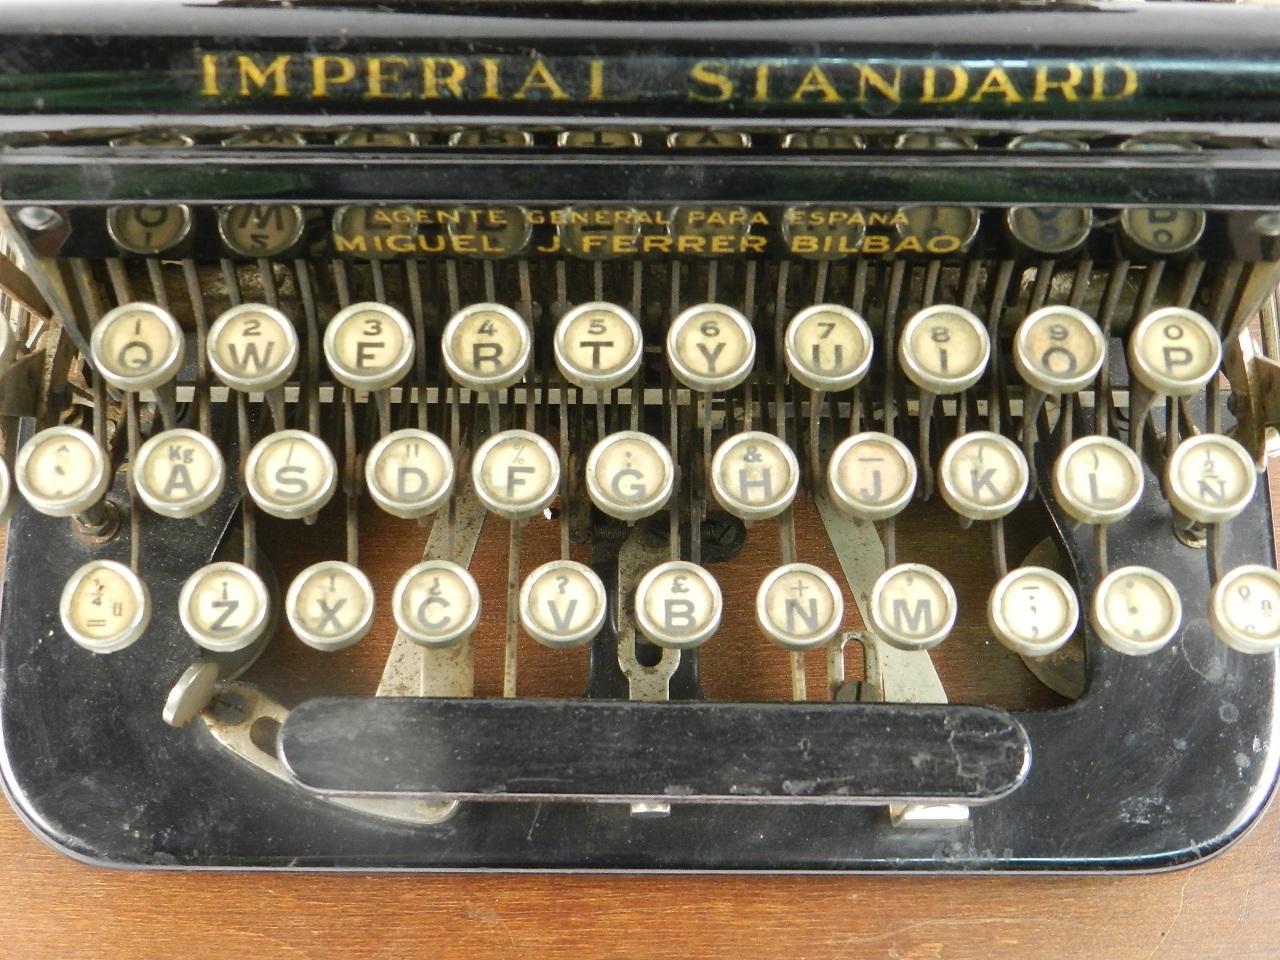 Imagen IMPERIAL D AÑO 1919 TECLADO ESPAÑOL 33175